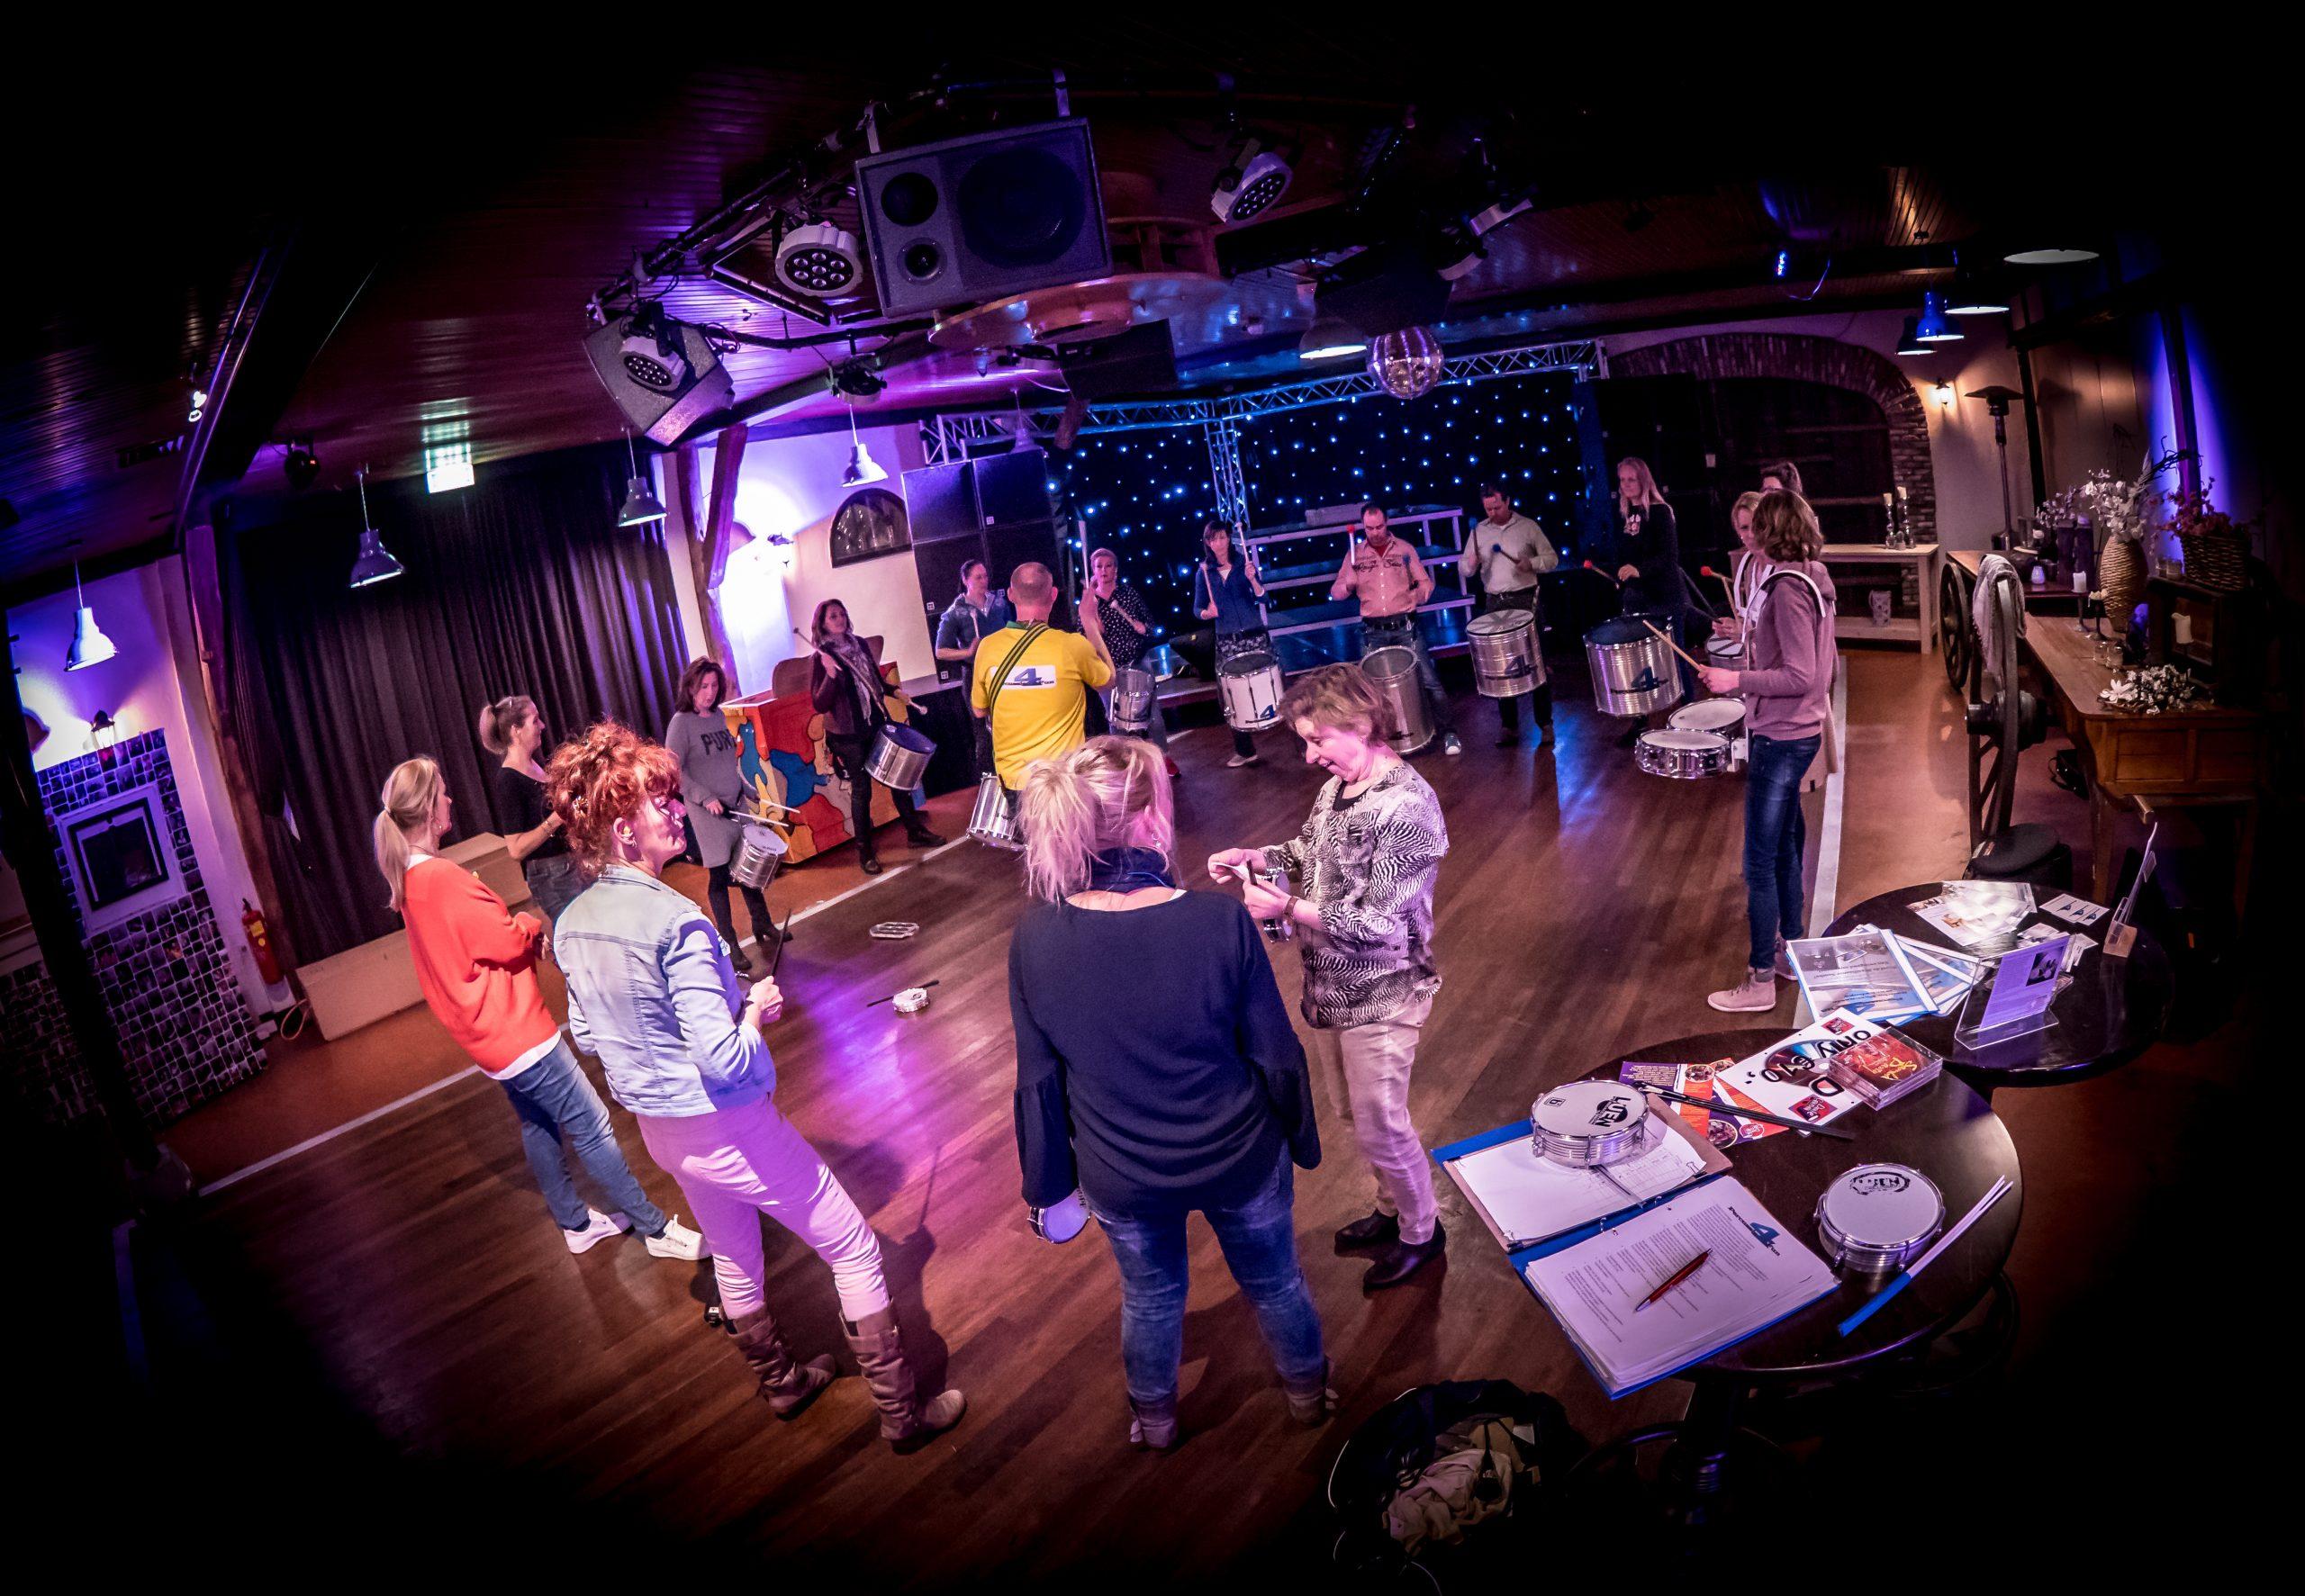 De  percussie workshop in Nederland  is voor iedereen toegankelijk.